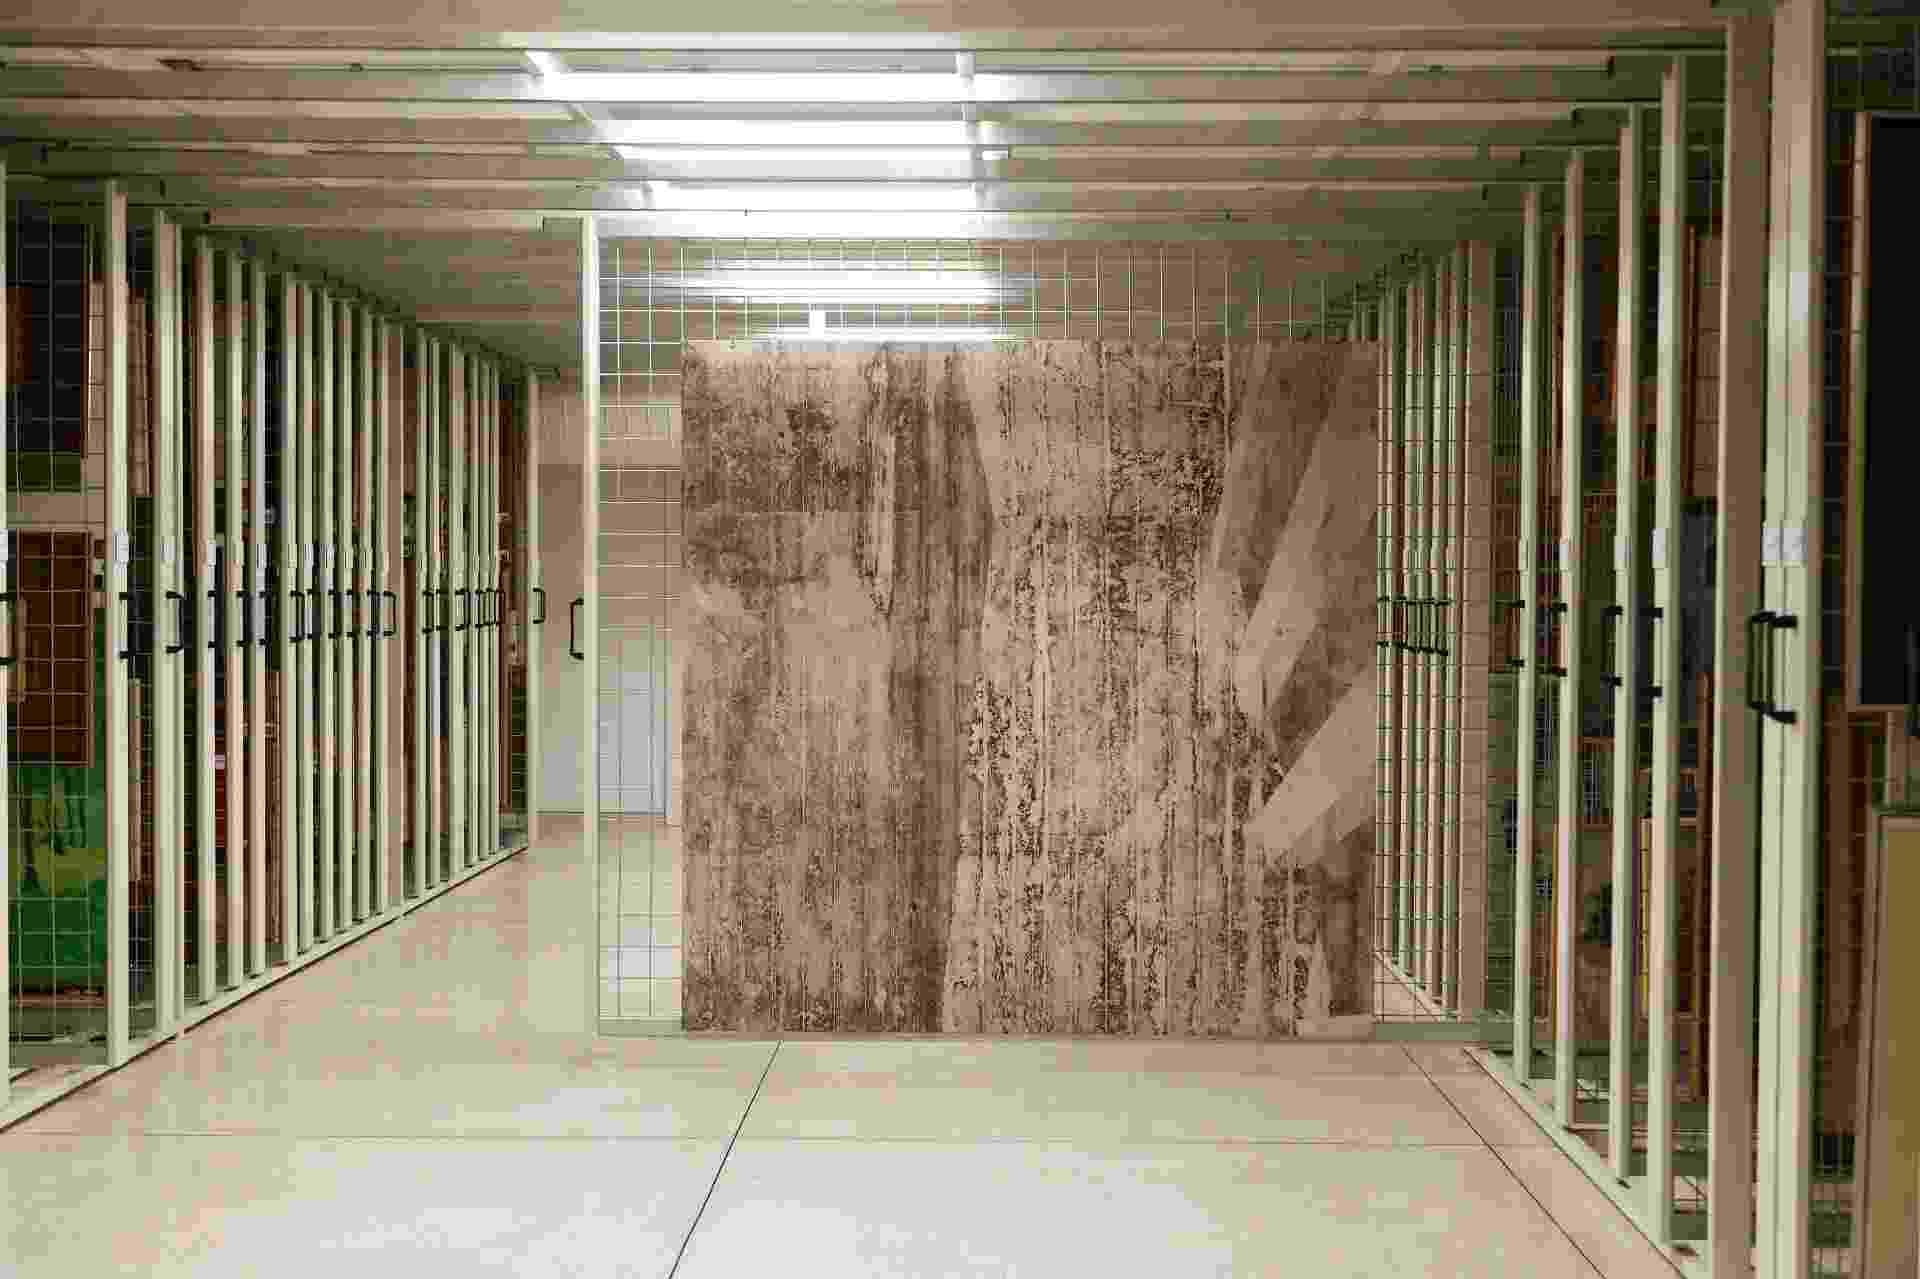 """Obra """"Galeria"""" (2002), de Daniel Senise, apreendida durante a operação Lava Jato, que apura irregularidades na Petrobras, estão agora no acervo do Museu Oscar Niemeyer (MON) - Daniel Derevecki/UOL"""